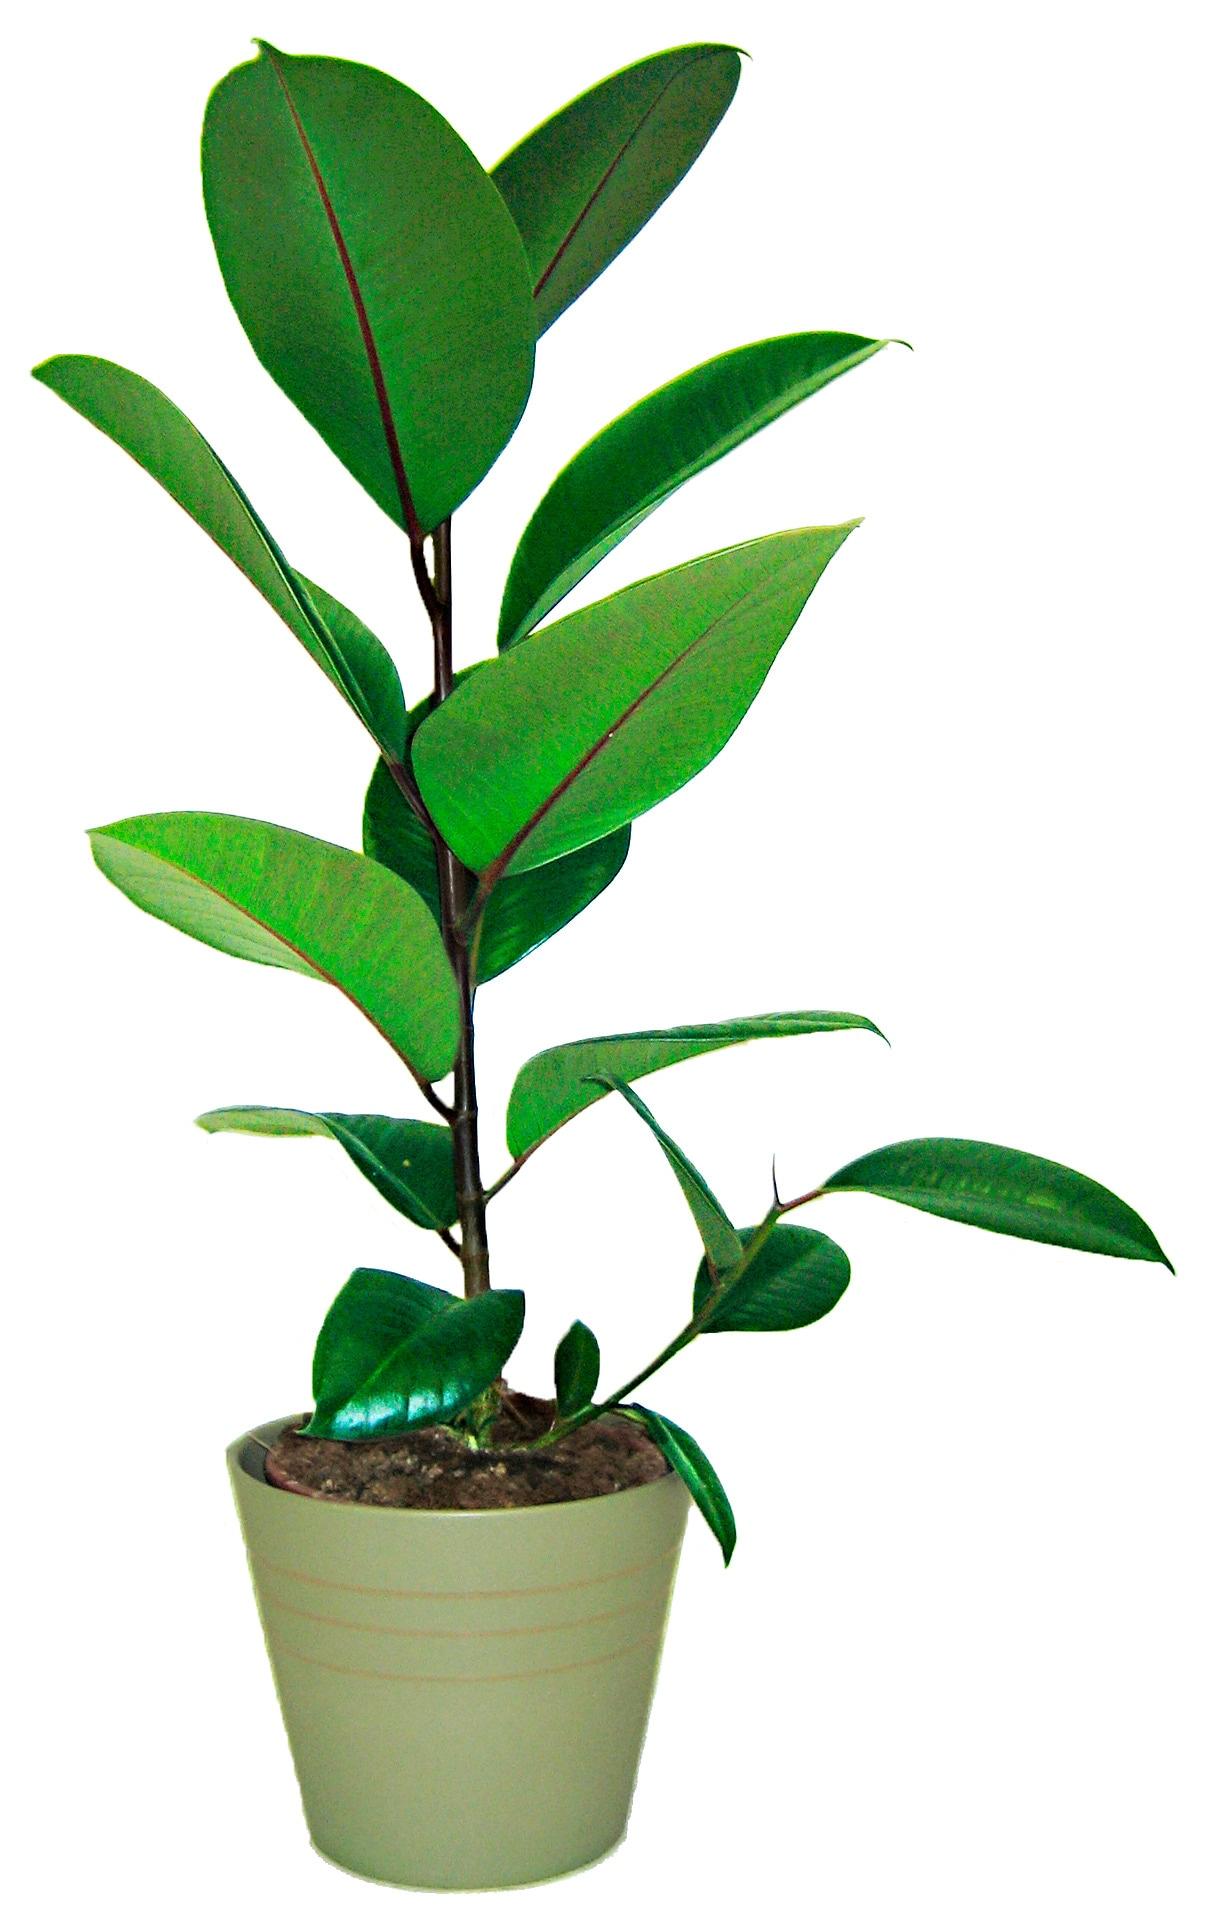 BCM Zimmerpflanze Gummibaum grün Zimmerpflanzen Pflanzen Garten Balkon